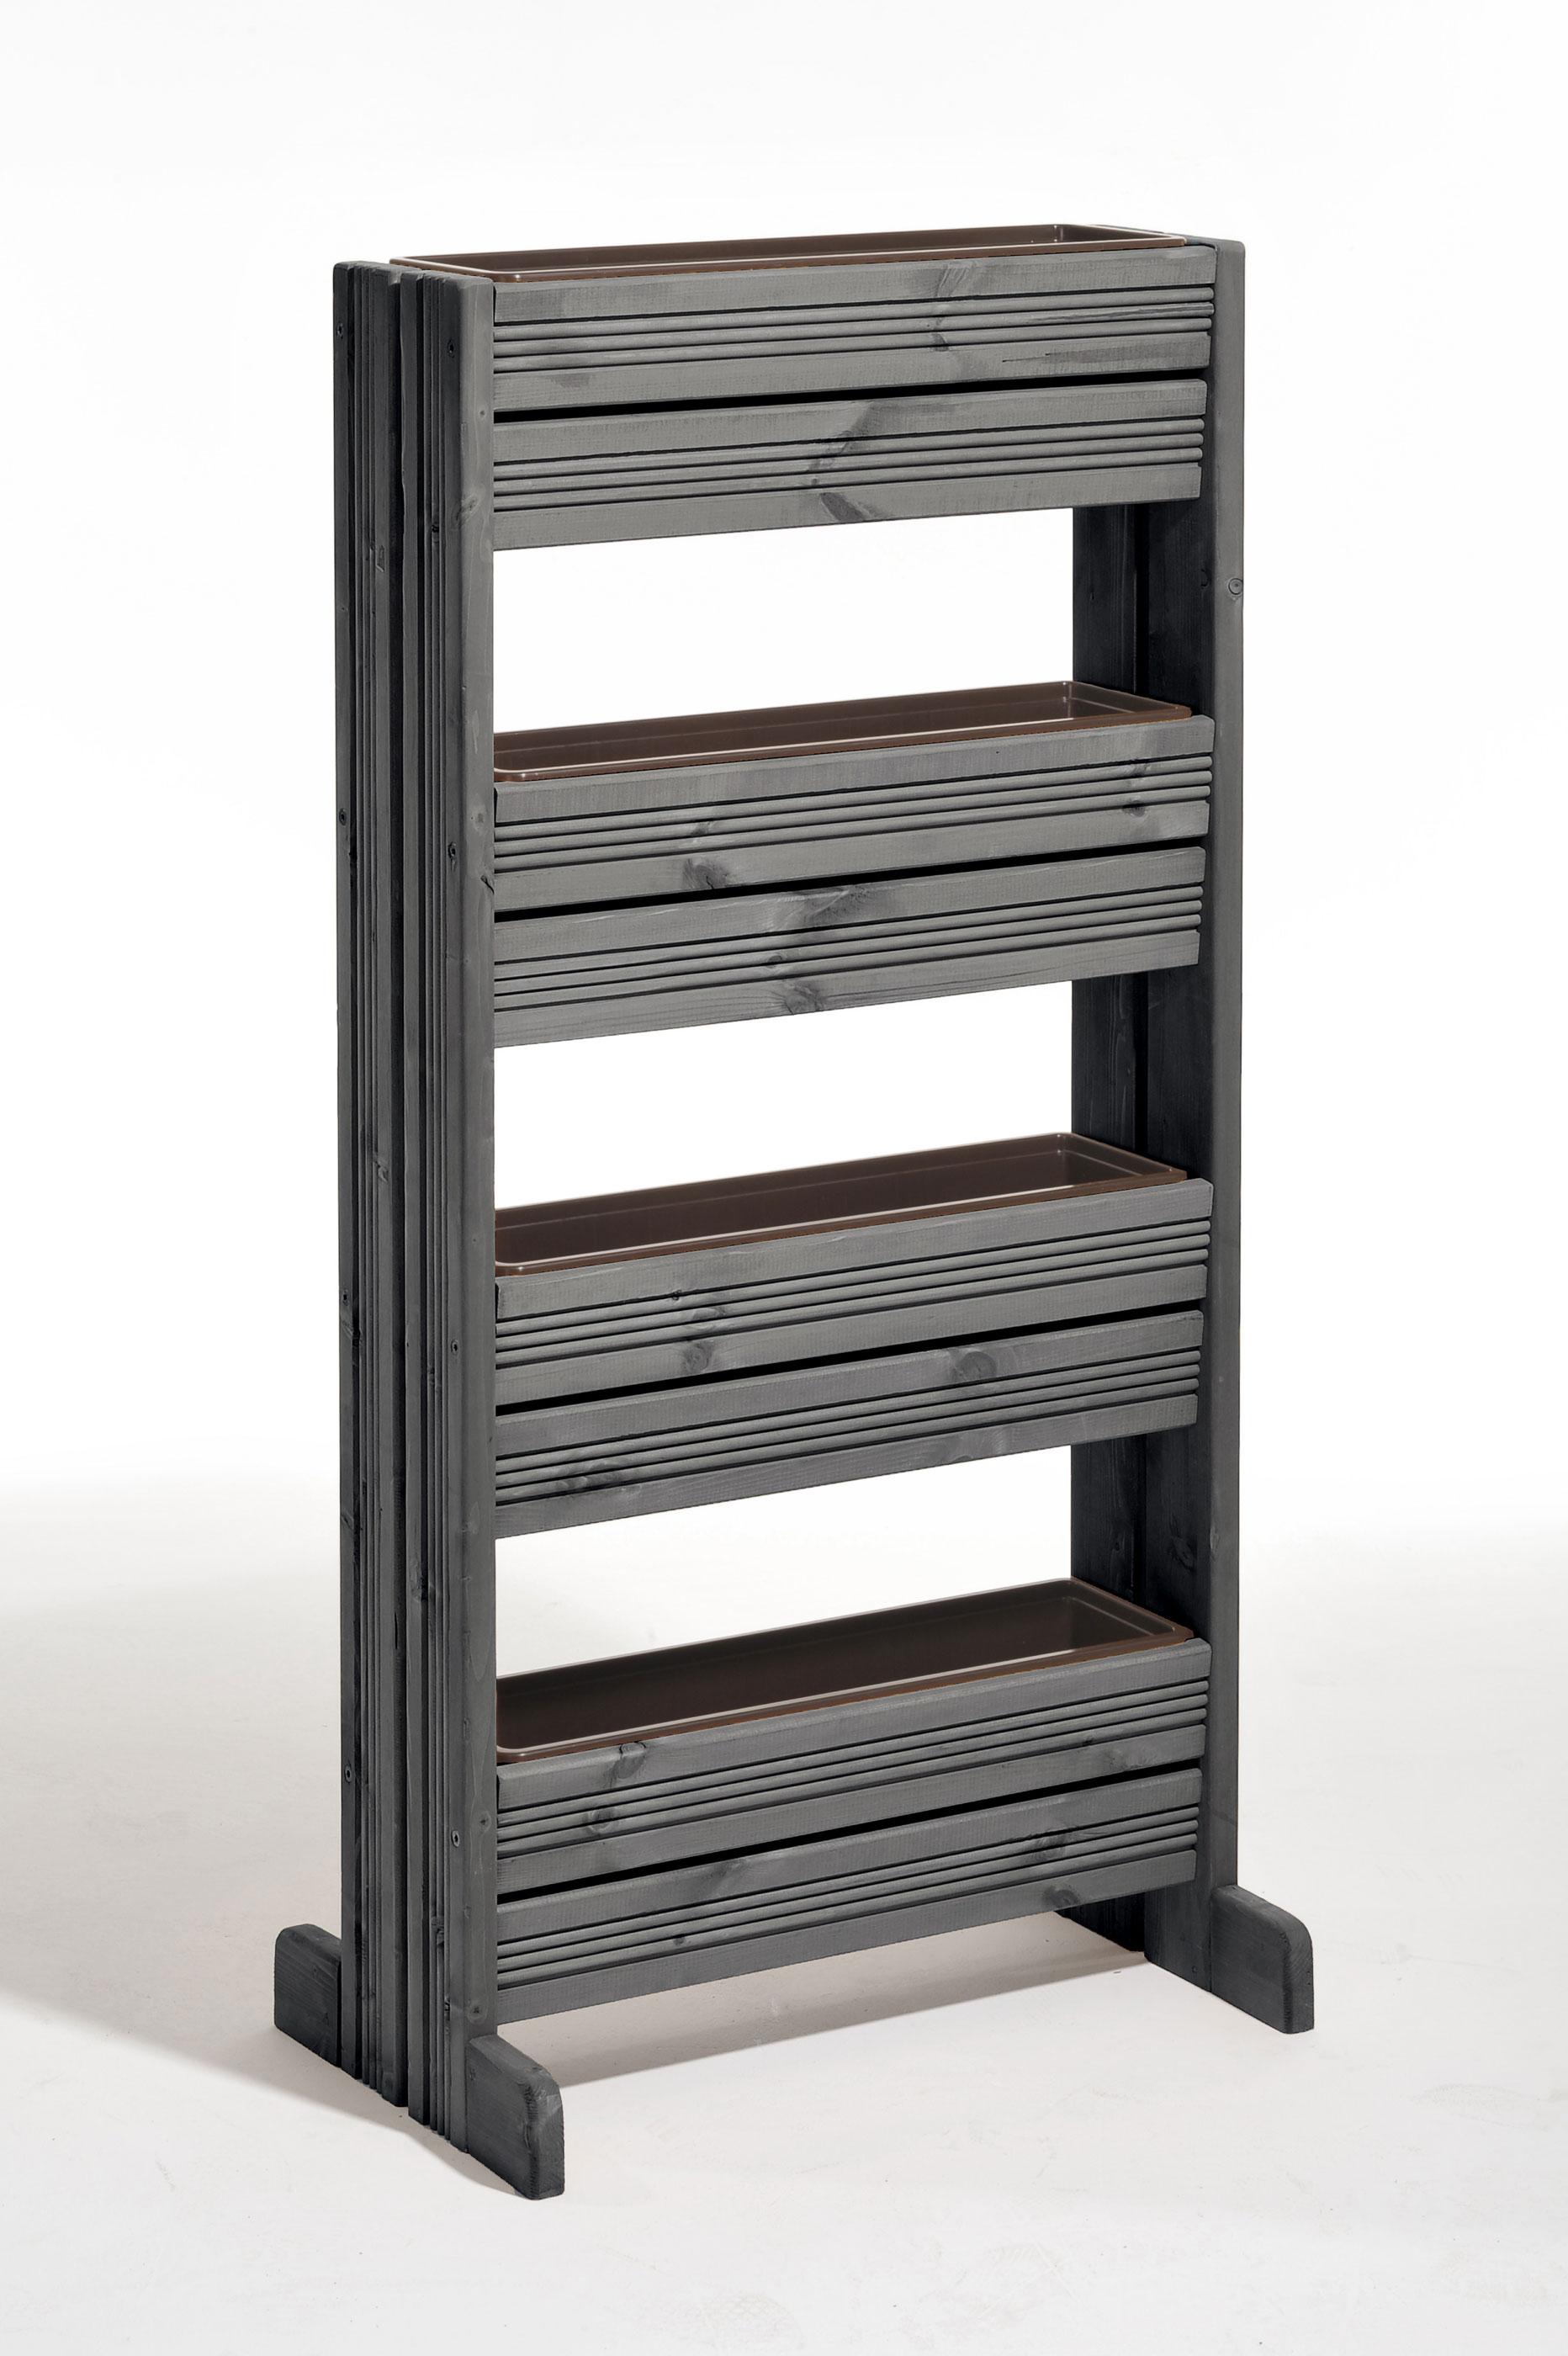 Hochbeet / Pflanzkasten / Vertikalbeet vintage-grau 39,5x65,5x133cm Bild 1